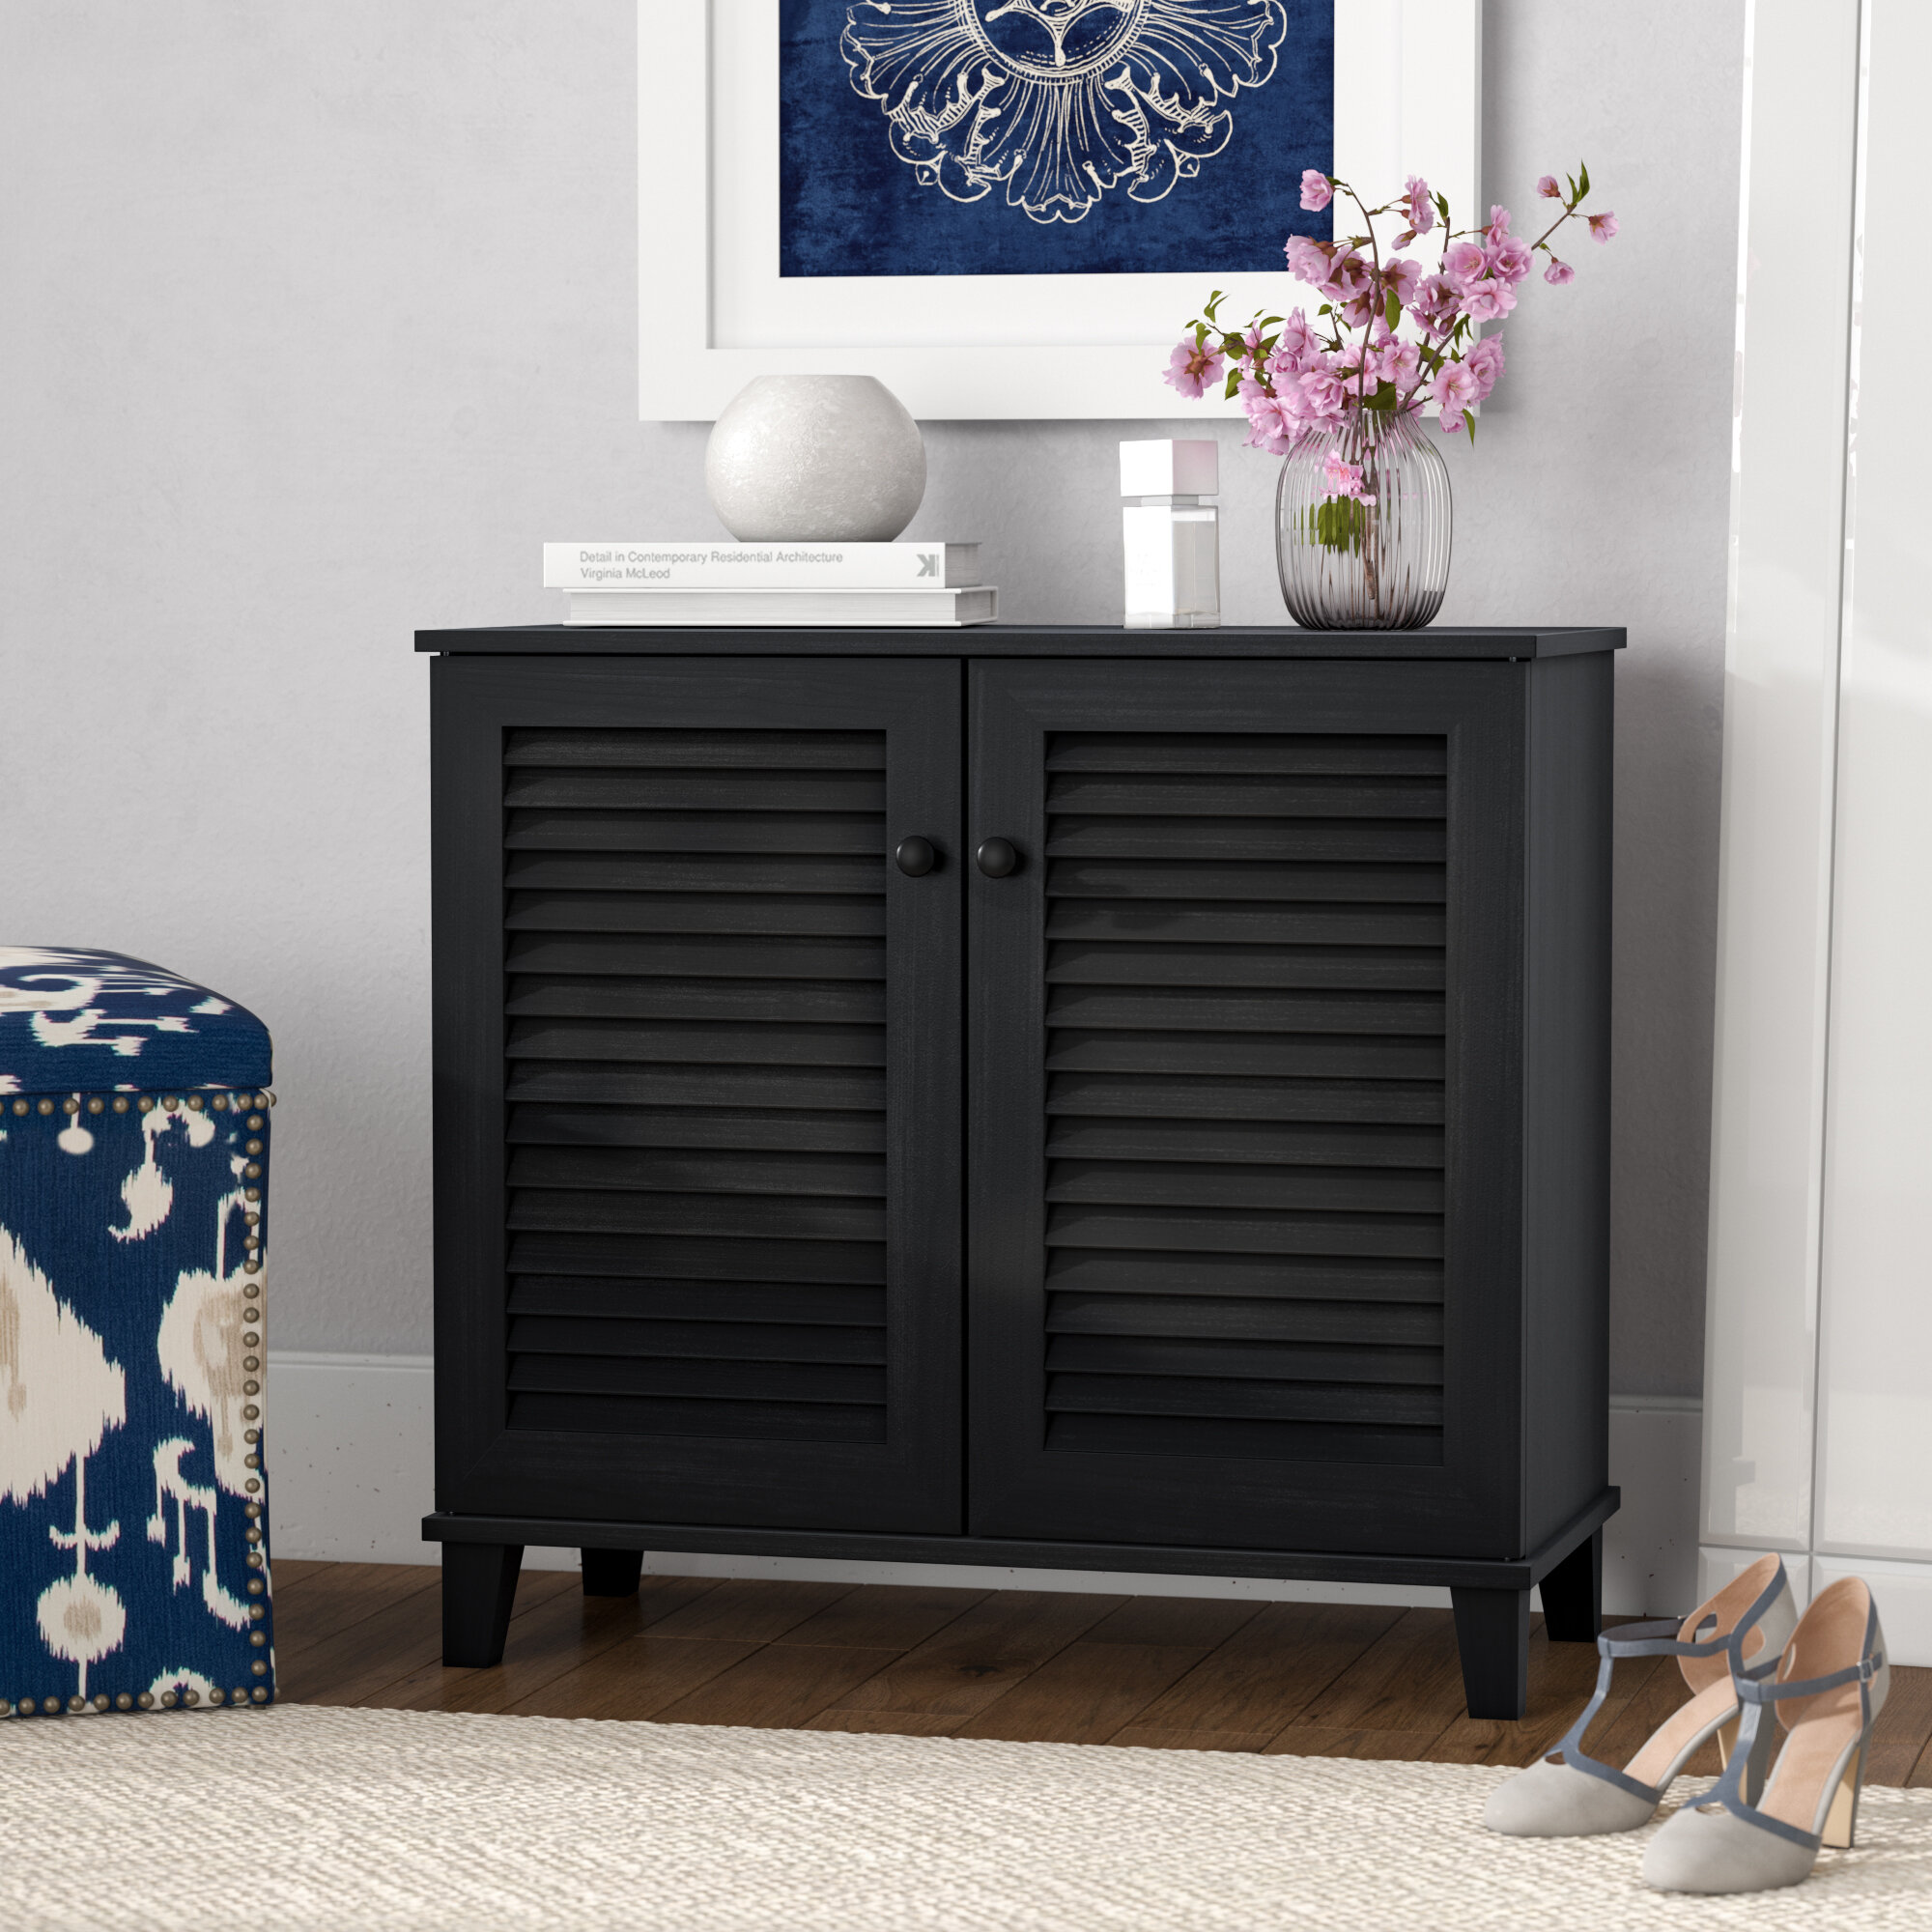 Ebern Designs Belote 14 Pair Shoe Storage Cabinet Reviews Wayfair Co Uk